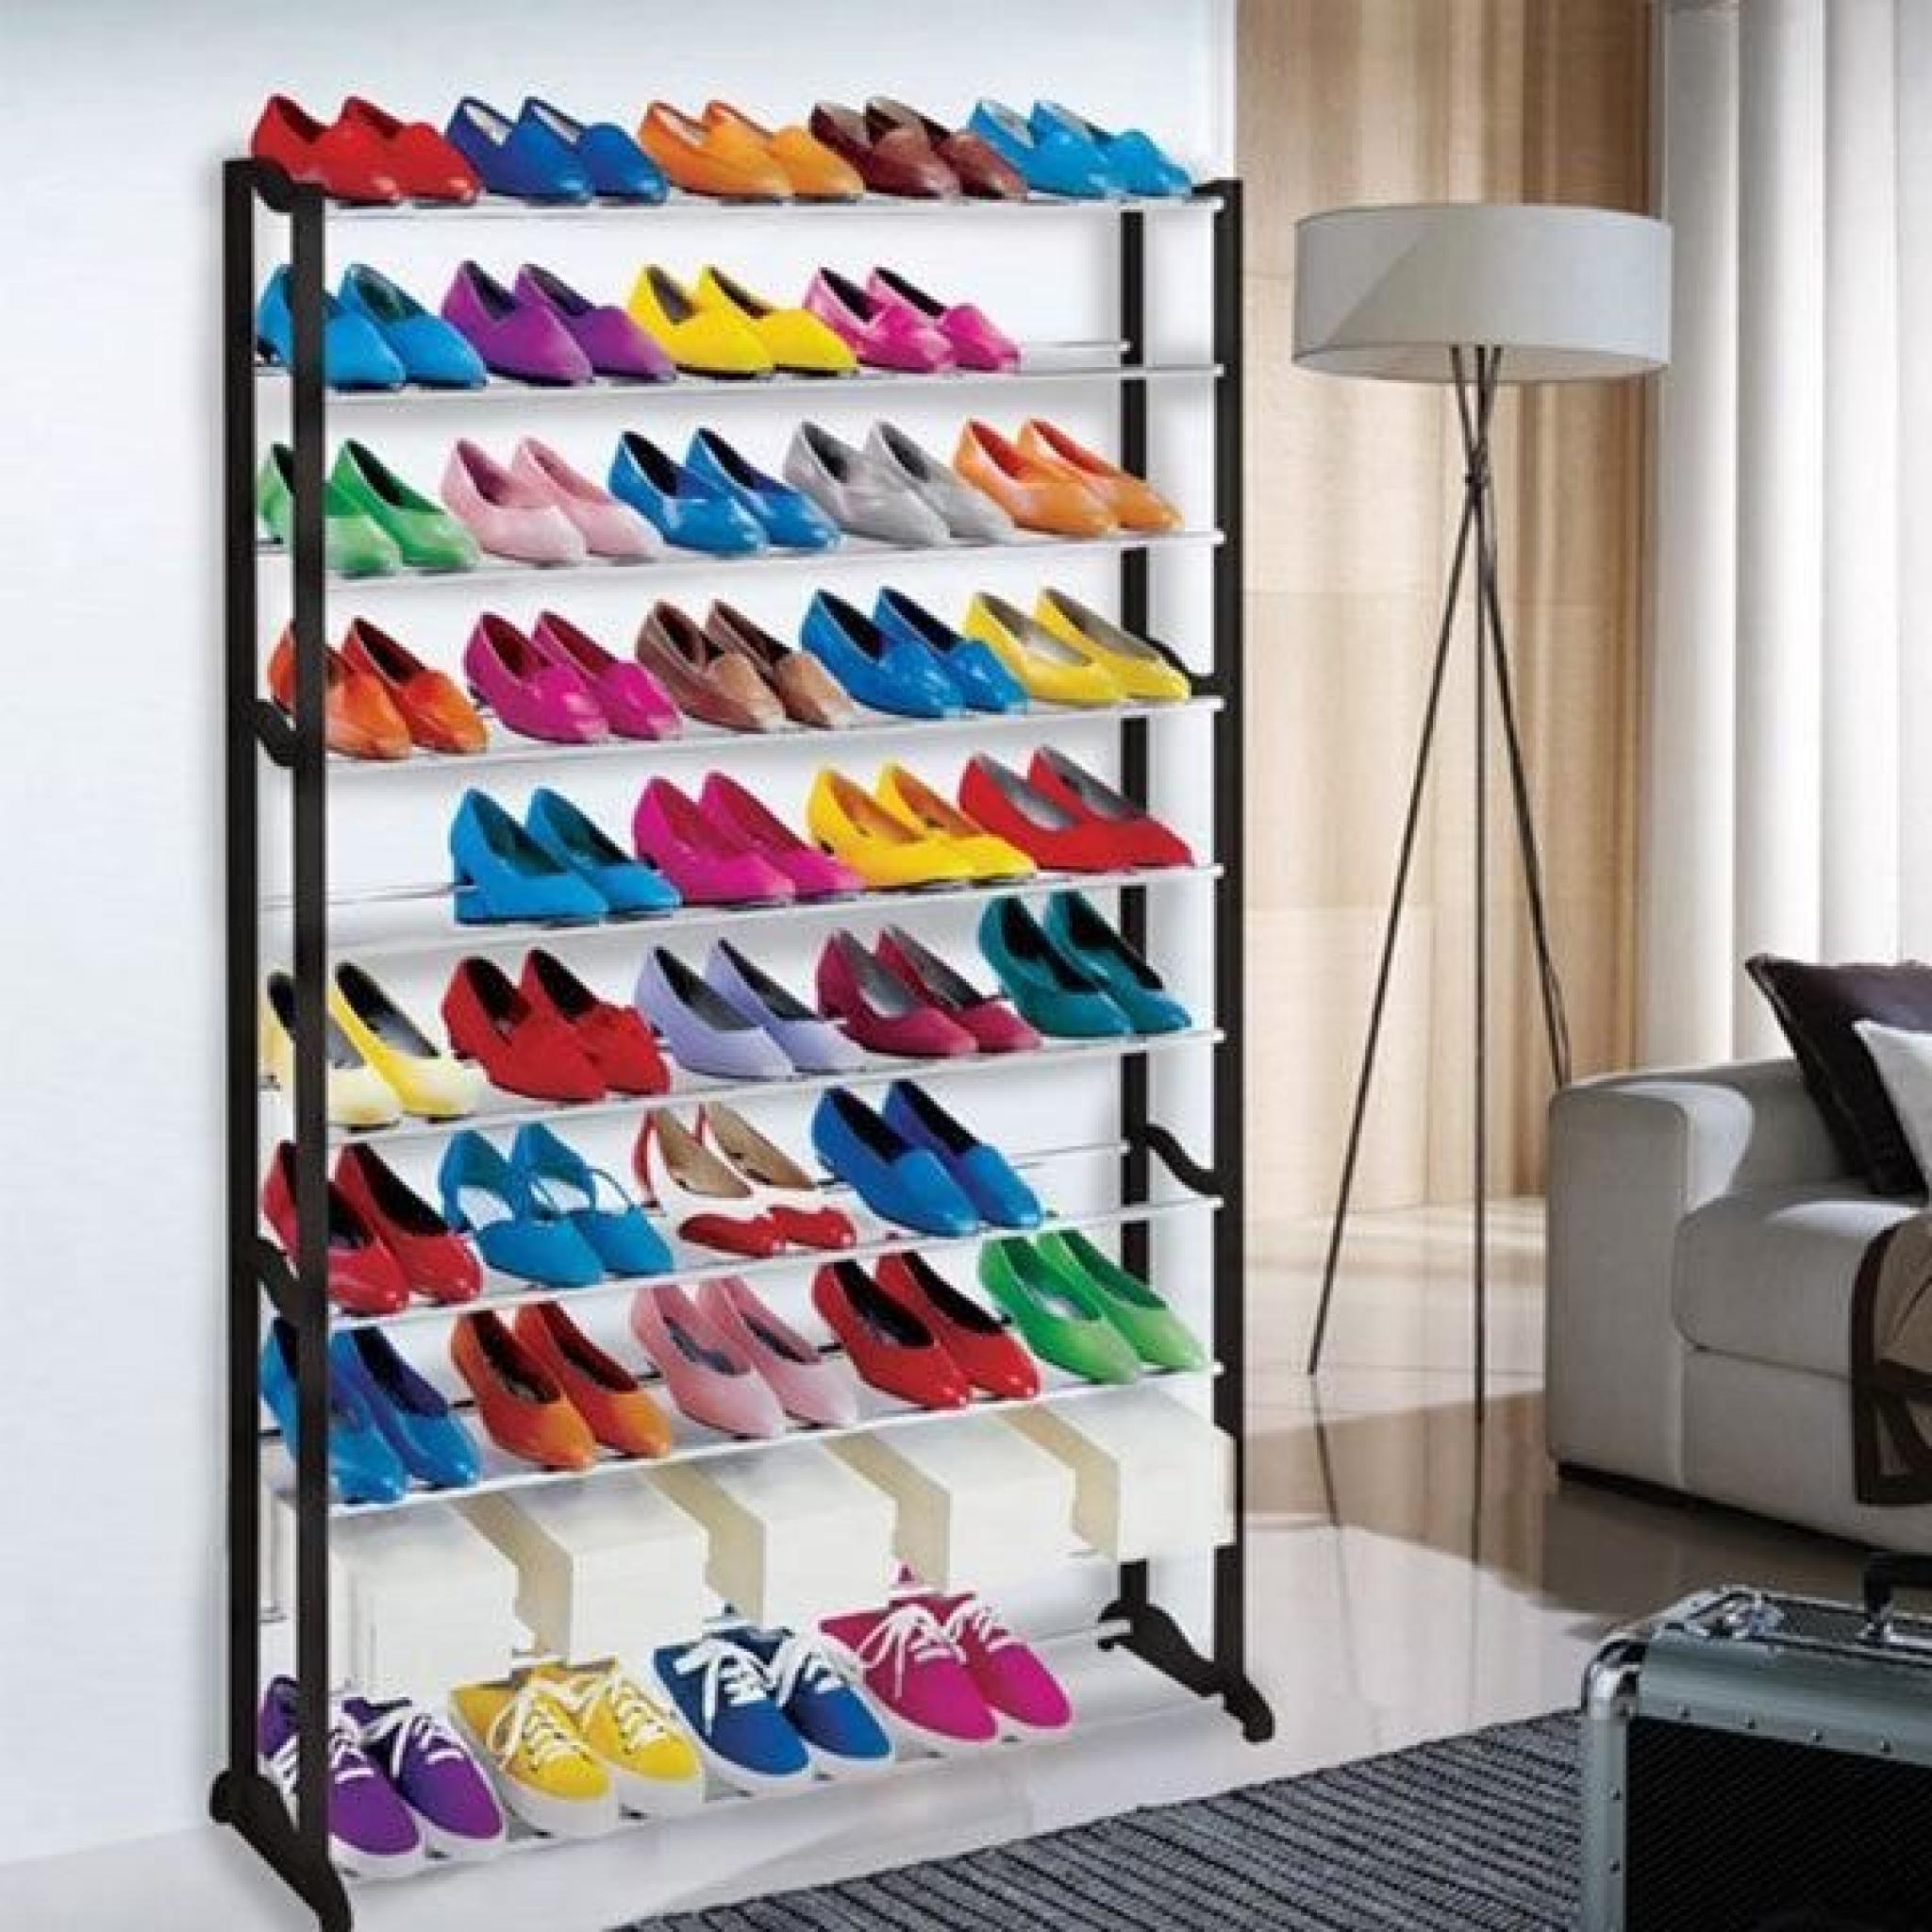 Meuble Organisateur Range Chaussures 50 Paires Etagere Placard Armoire Shoes Achat Vente Meuble Chaussure Pas Cher Couleur Et Design Fr